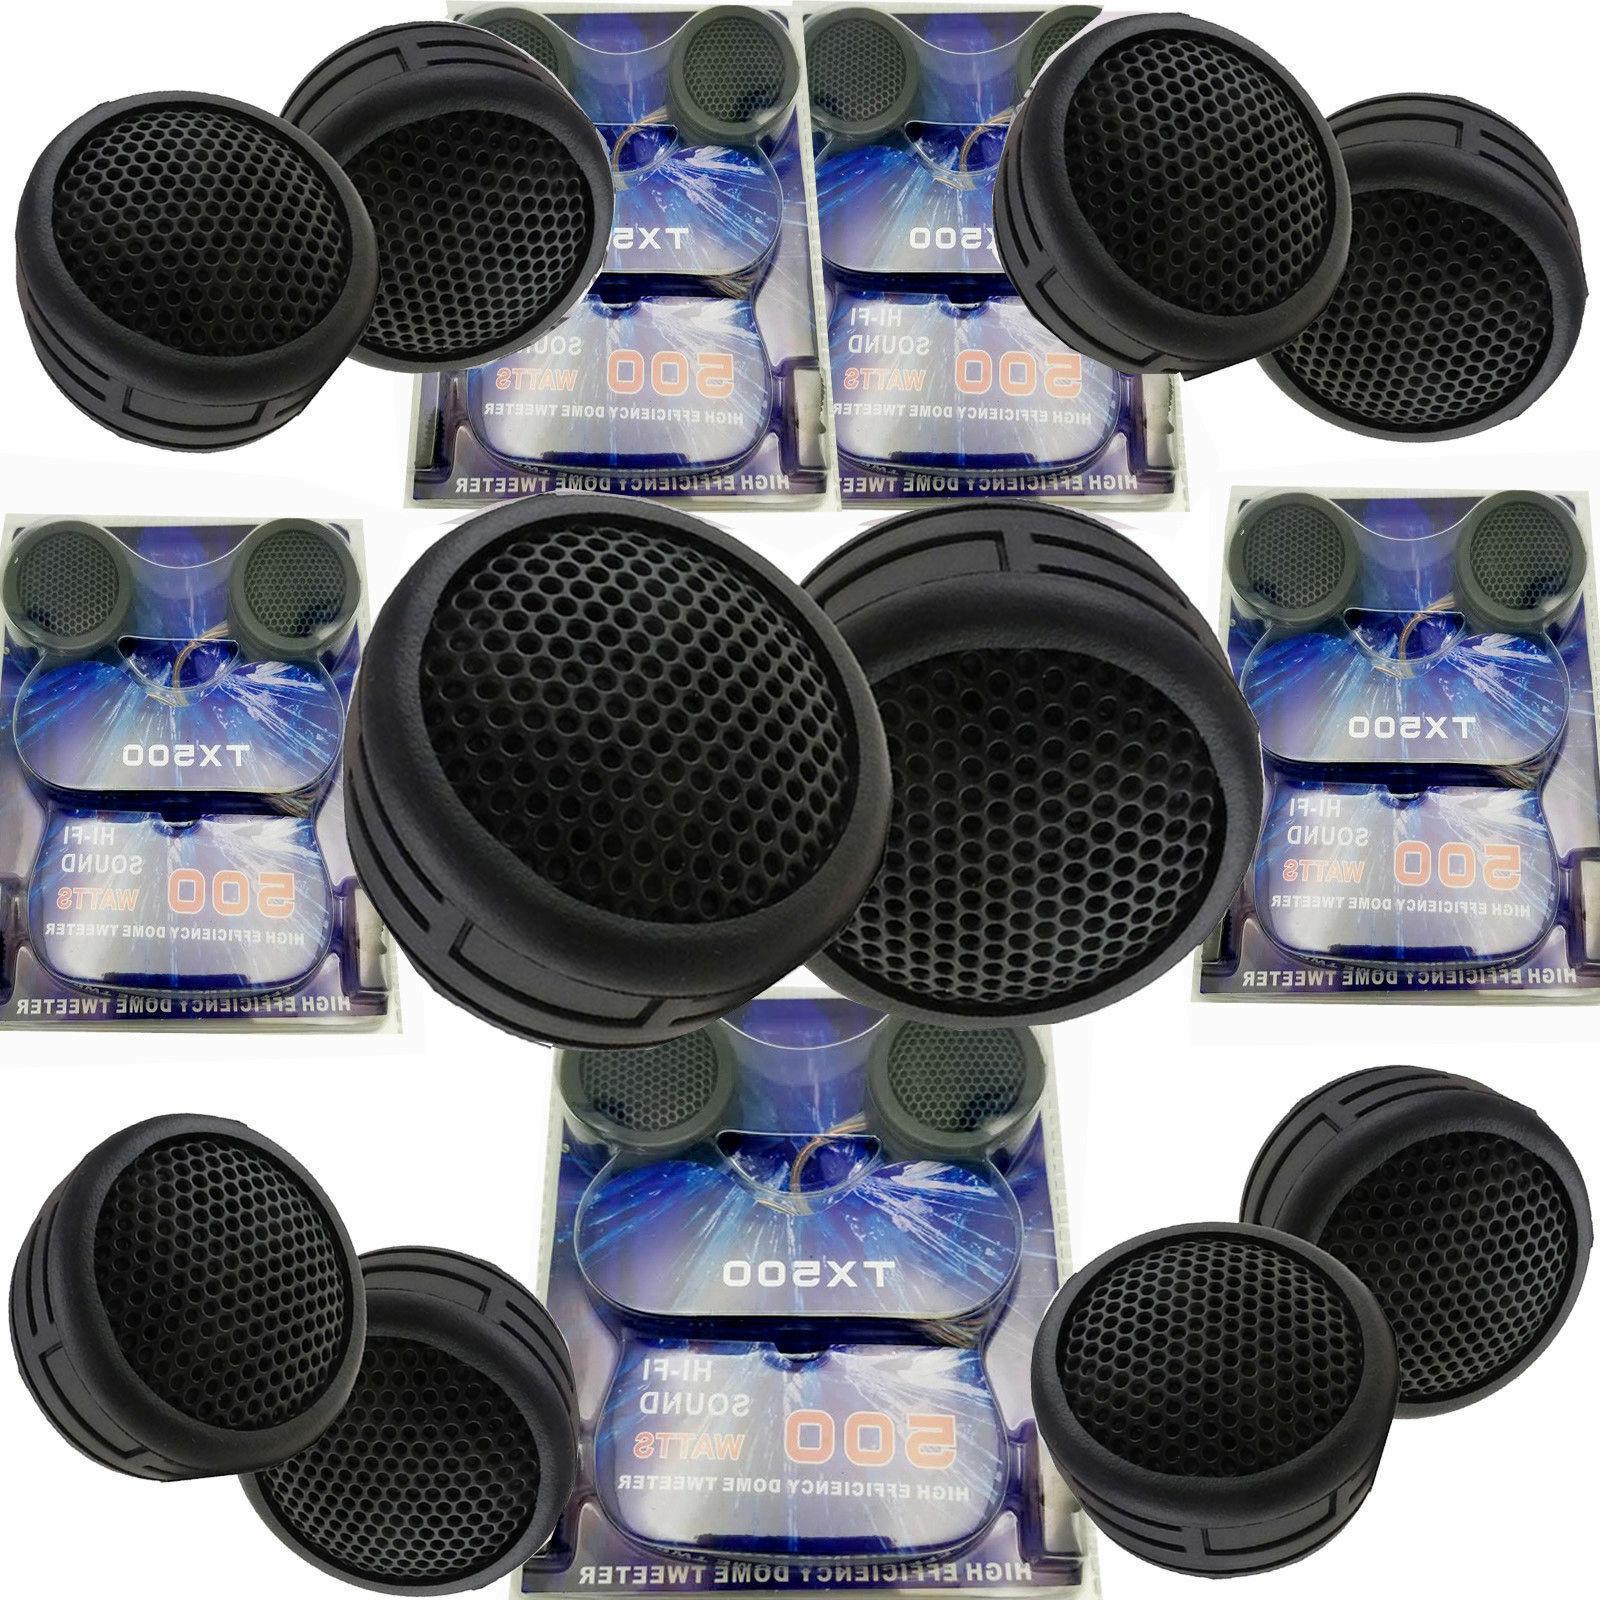 500 watt high power car tweeters speakers